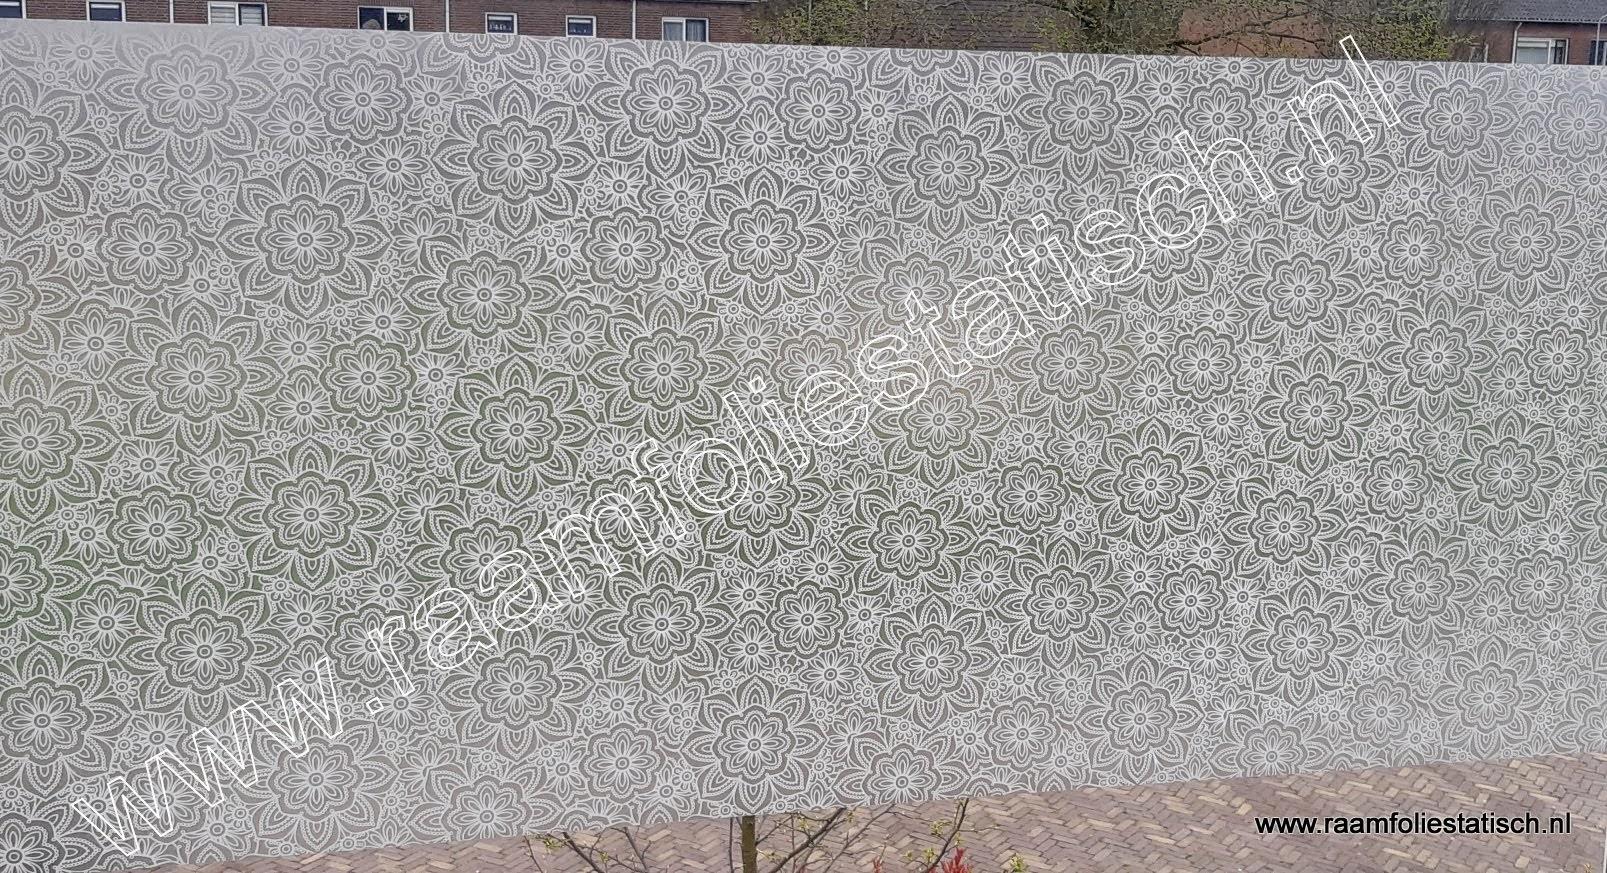 D-c-fix statische raamfolie Candice 67,5cm x 1,5m